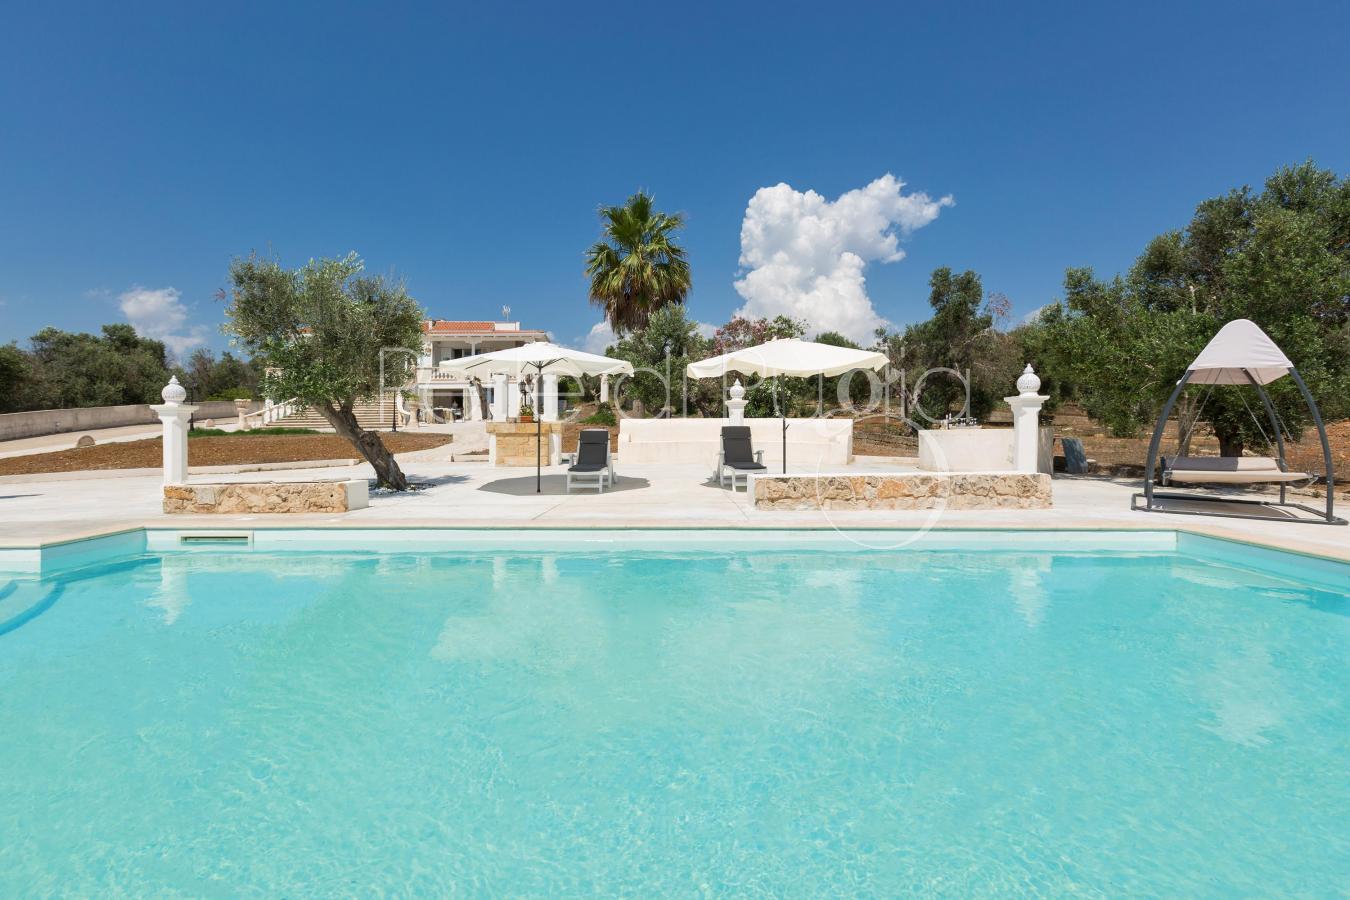 Vacanze da sogno con piscina nel parco sul mare villa fontanelle - San giovanni in persiceto piscina ...